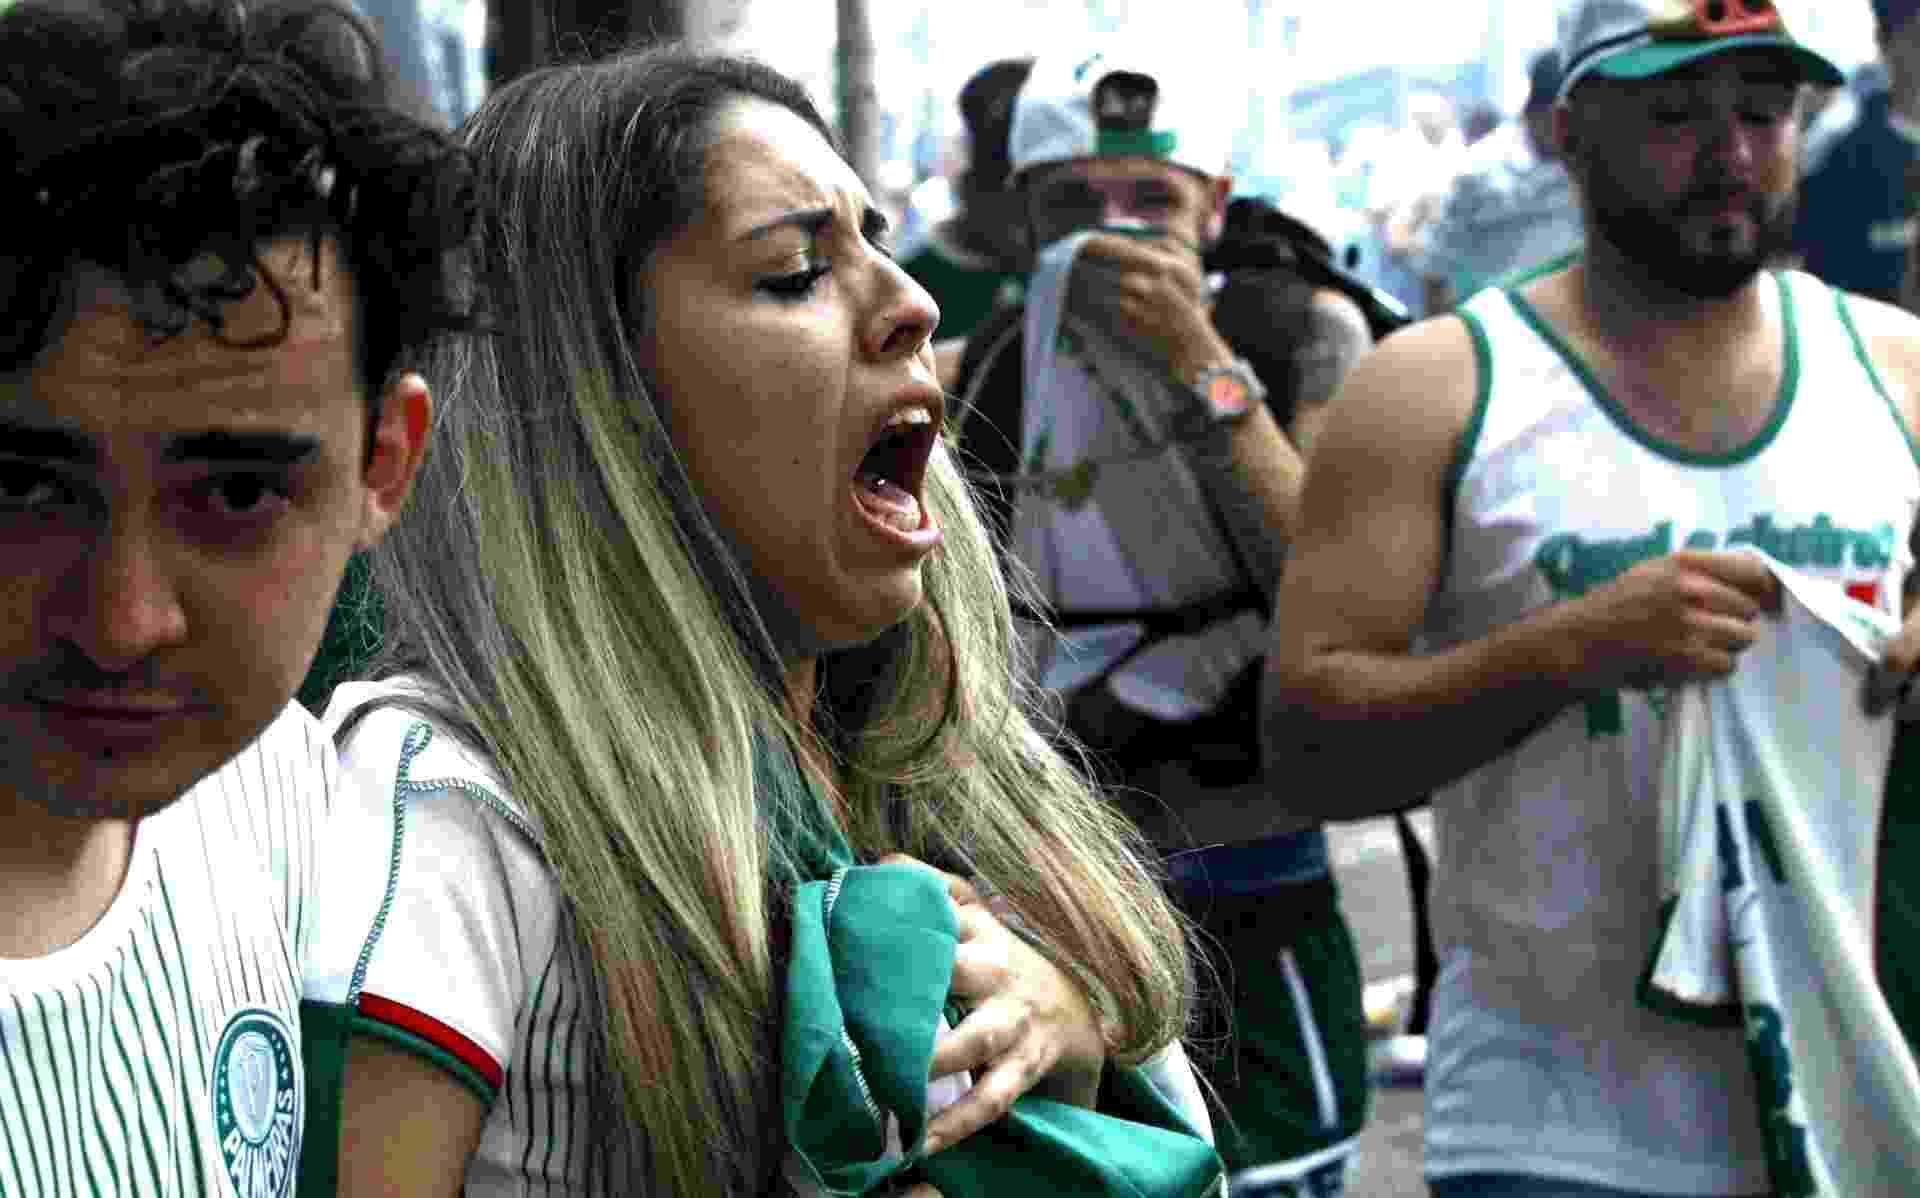 Torcedora passa mal após policiais dispararem gás pimenta - Flávio Florido/UOL